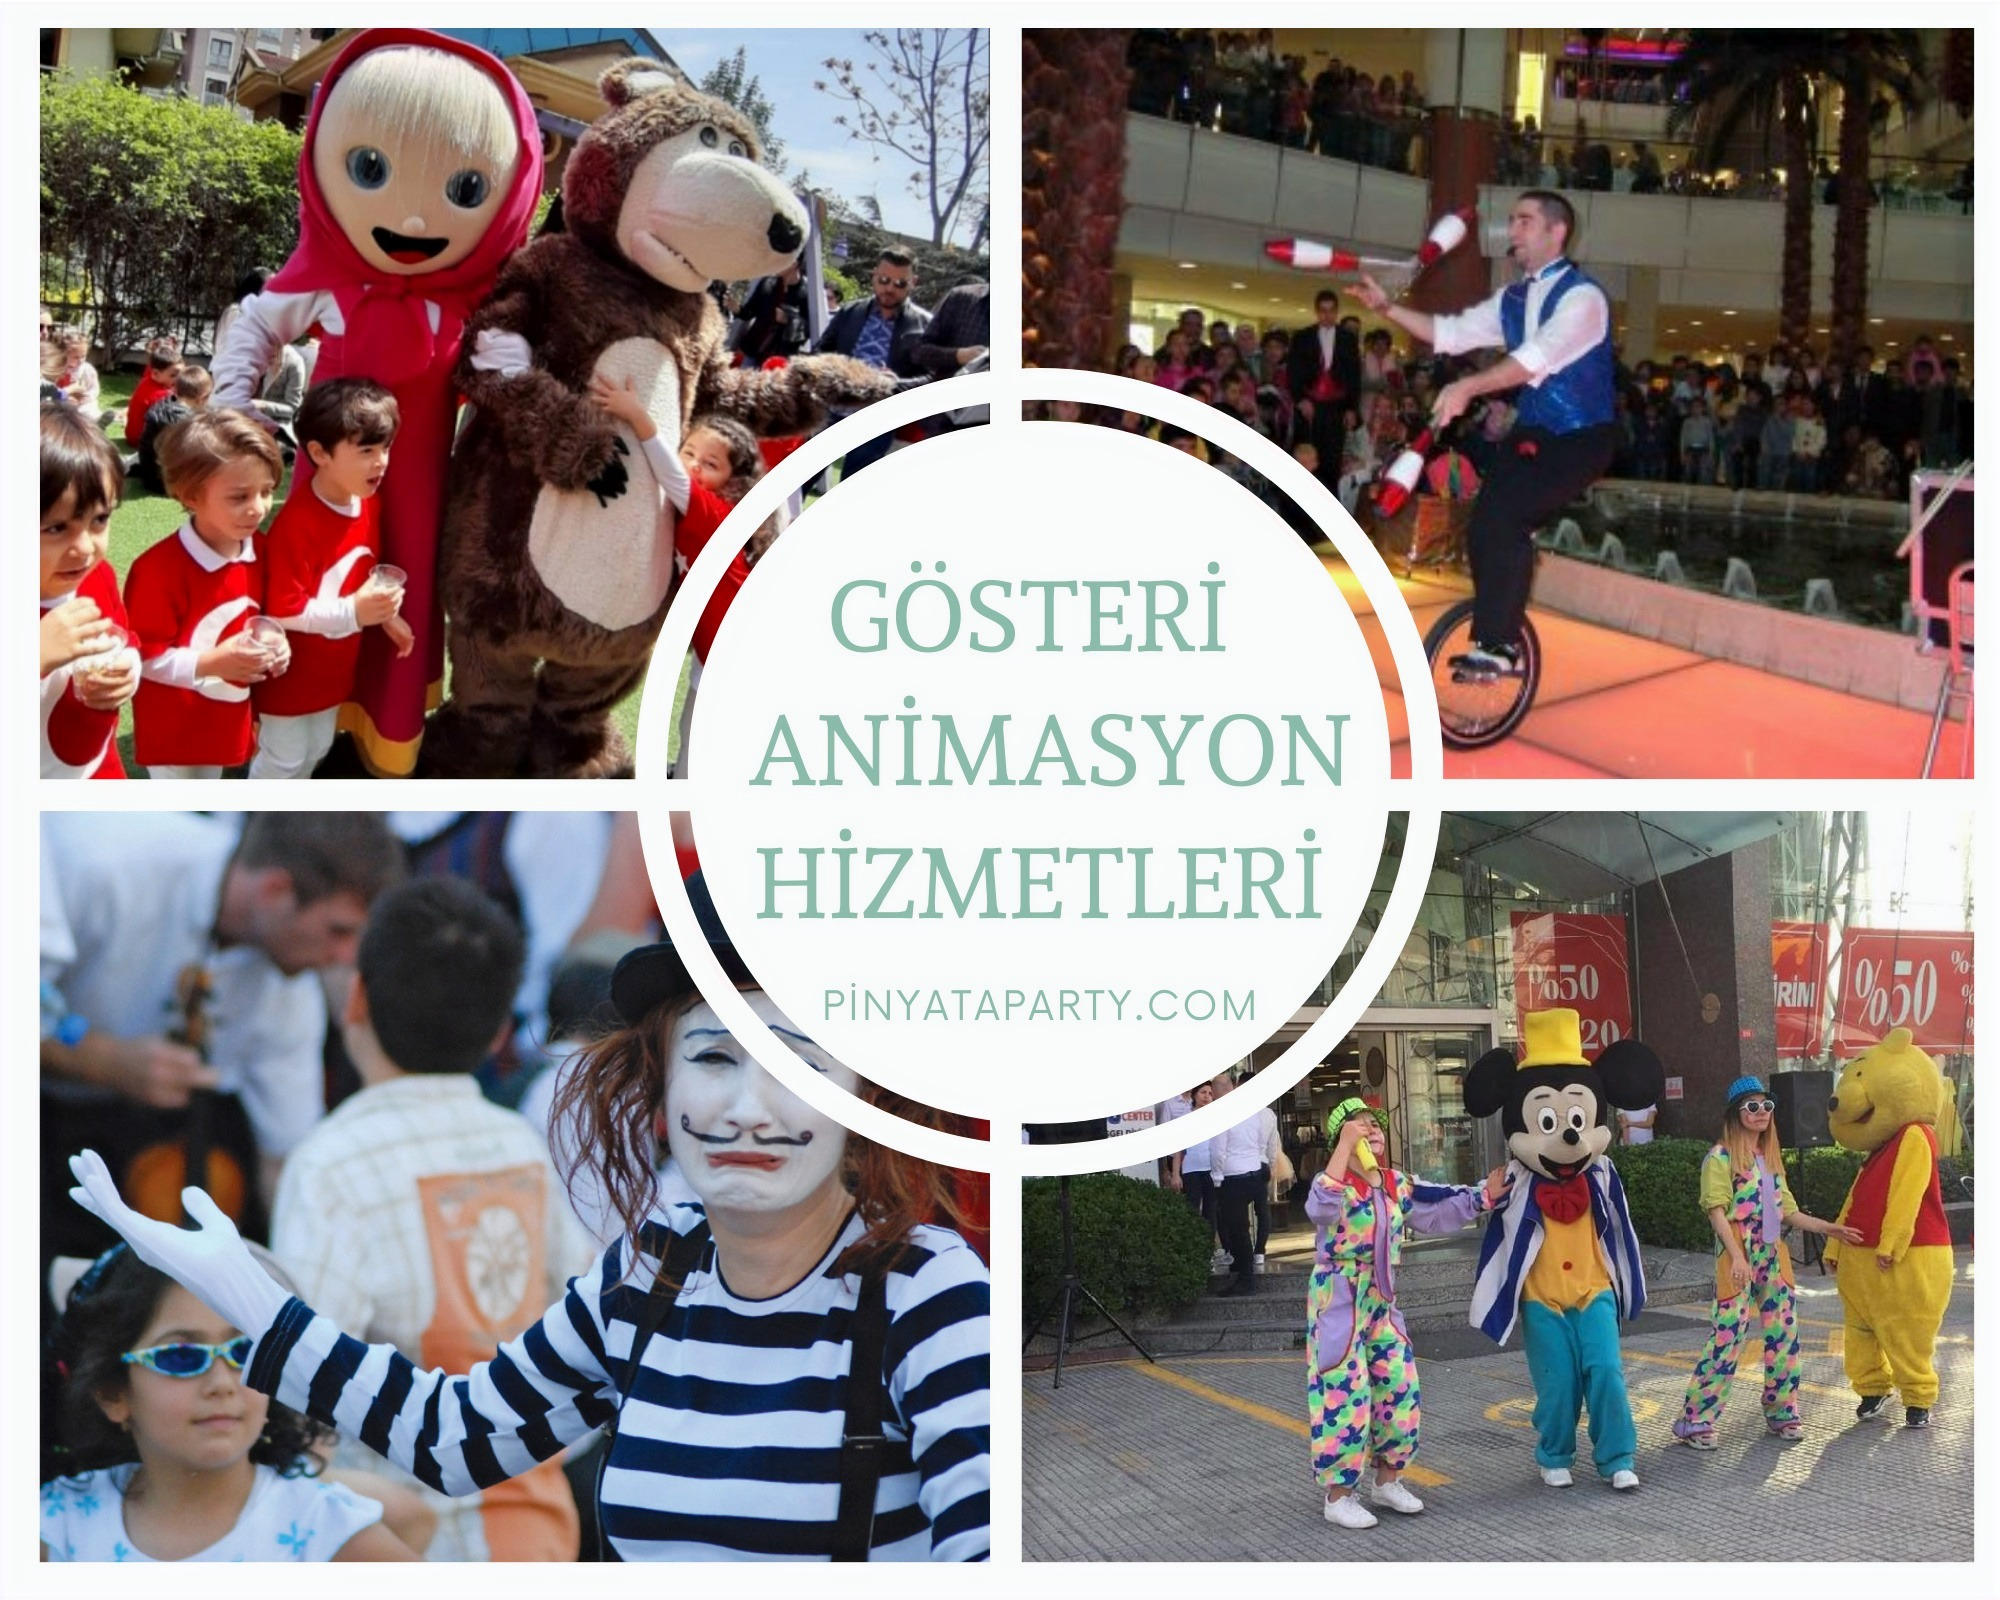 Gosteri-ve-Animasyon-Hizmetleri_edited